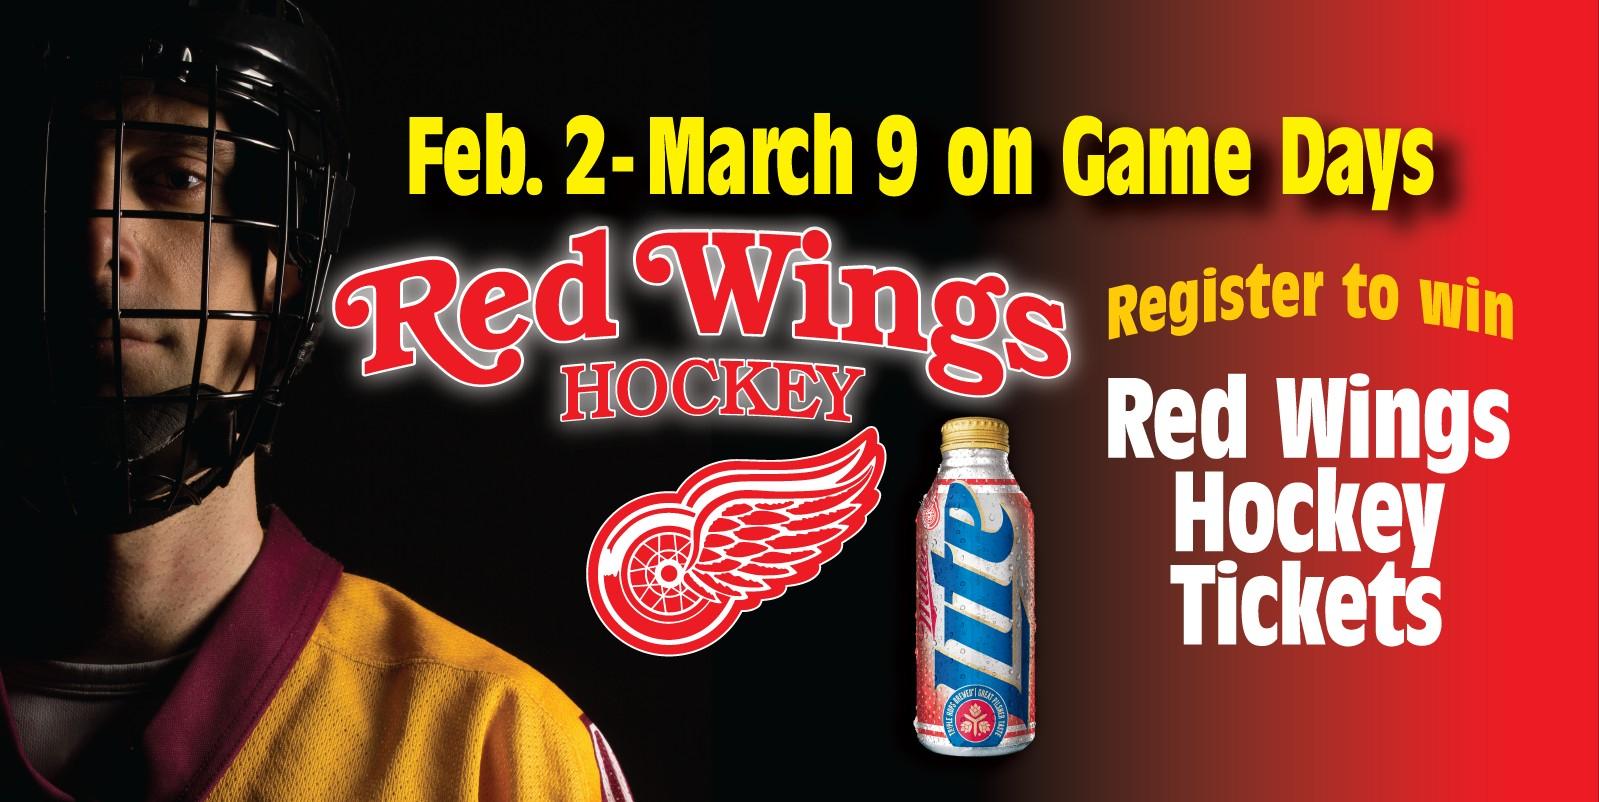 Red Wings Hockey